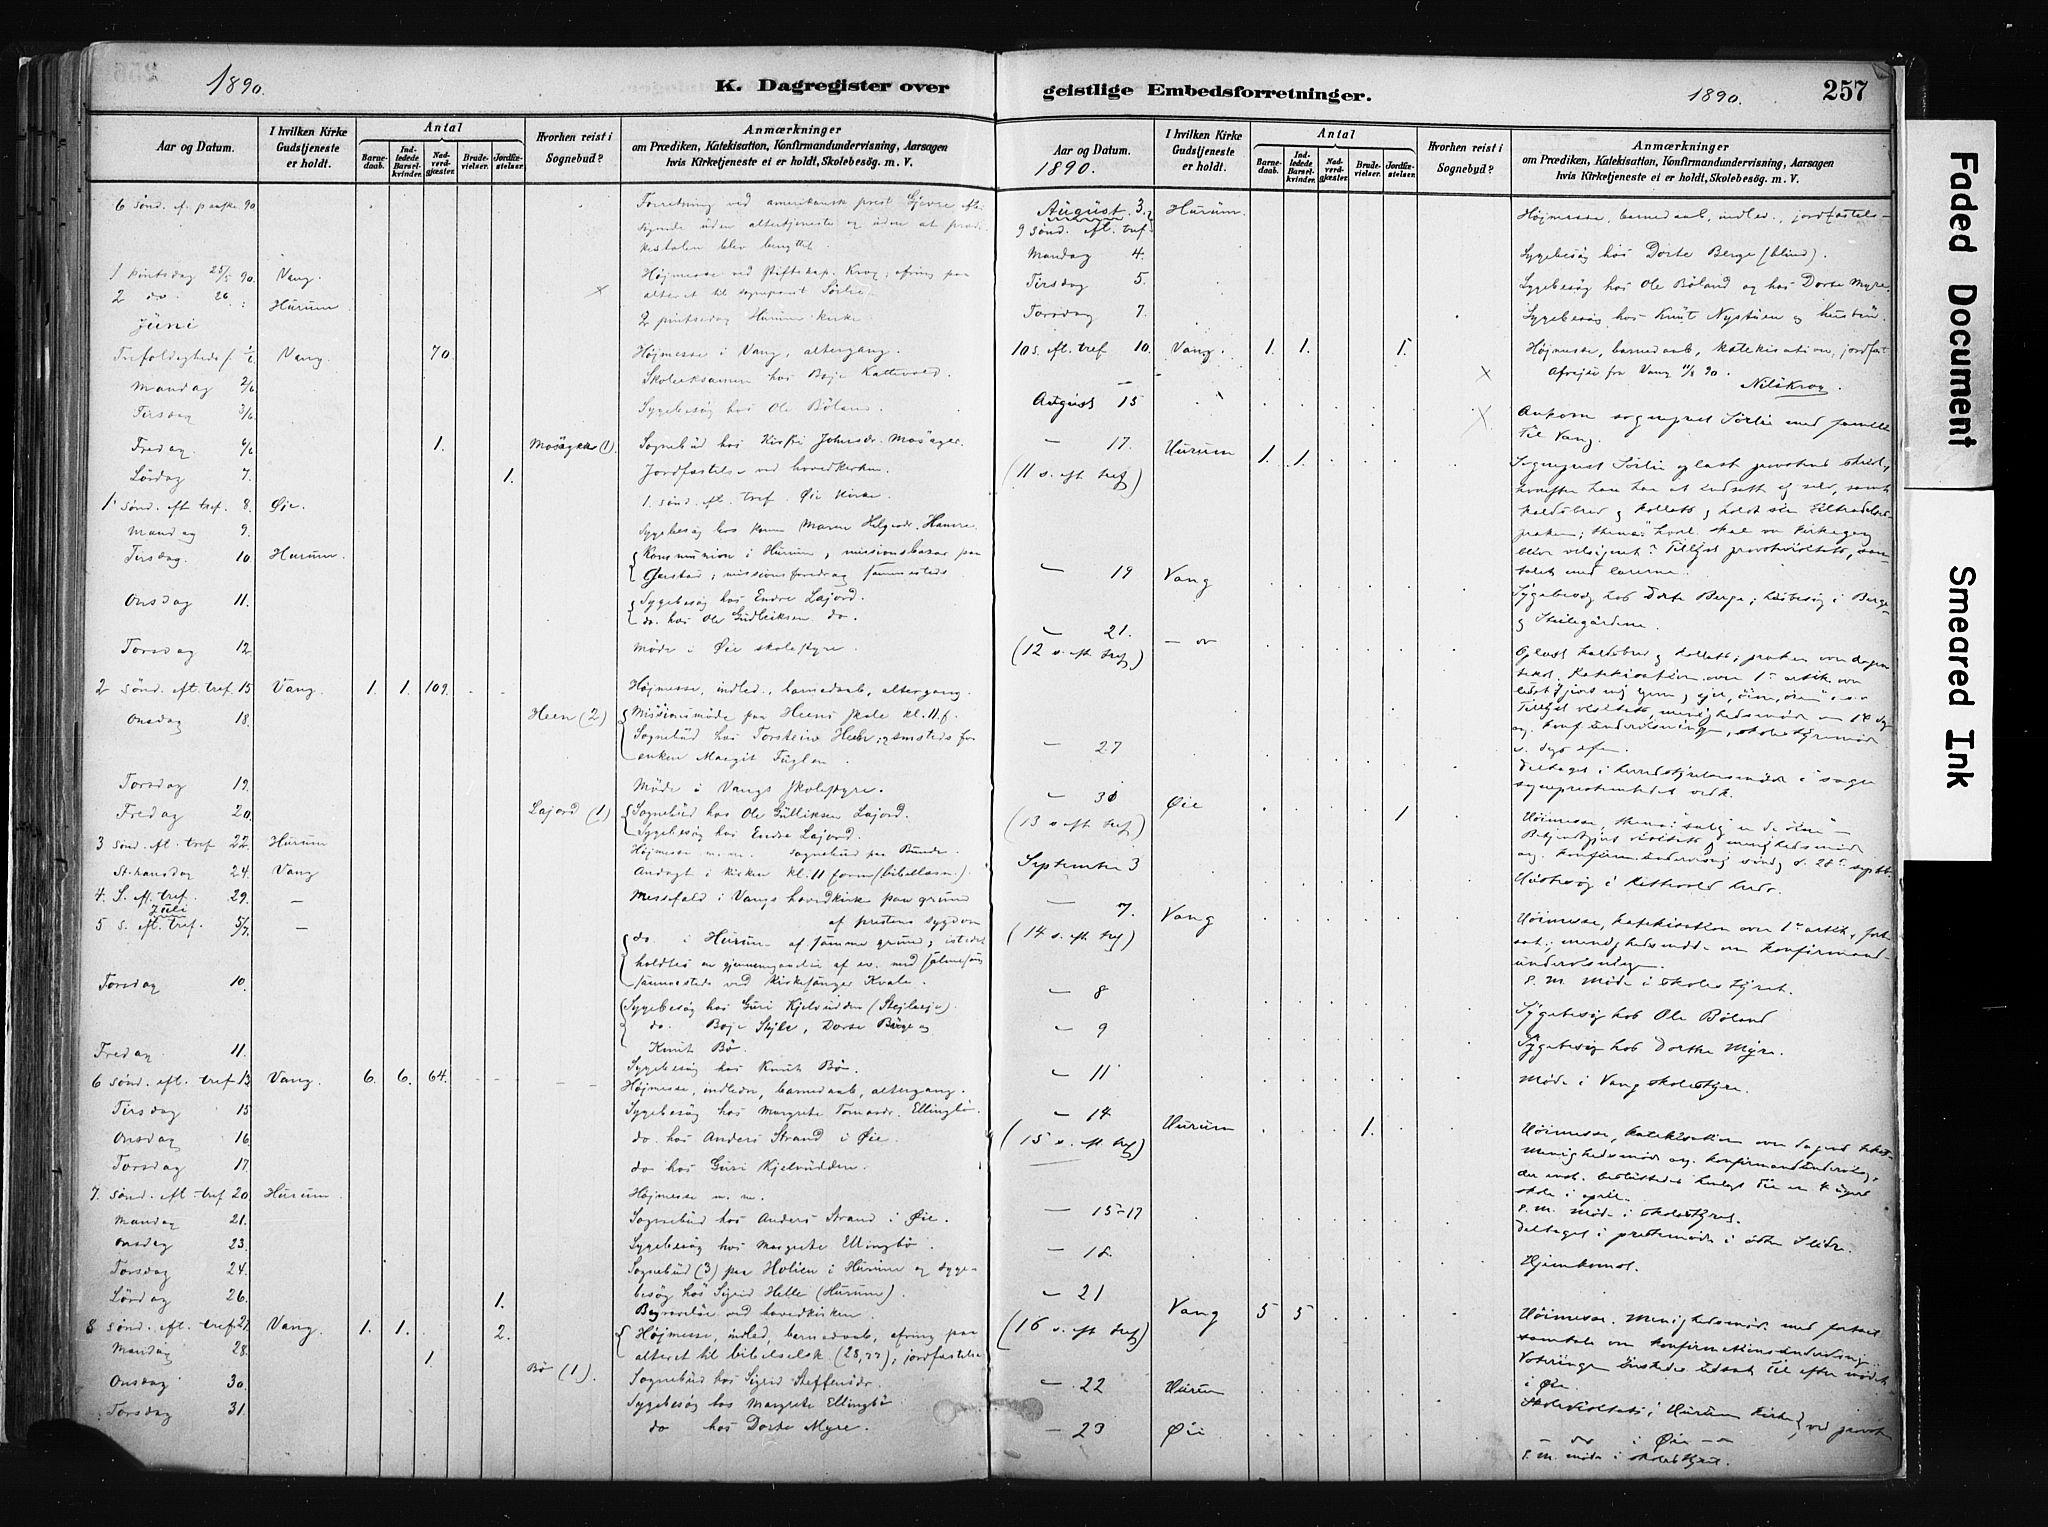 SAH, Vang prestekontor, Valdres, Ministerialbok nr. 8, 1882-1910, s. 257